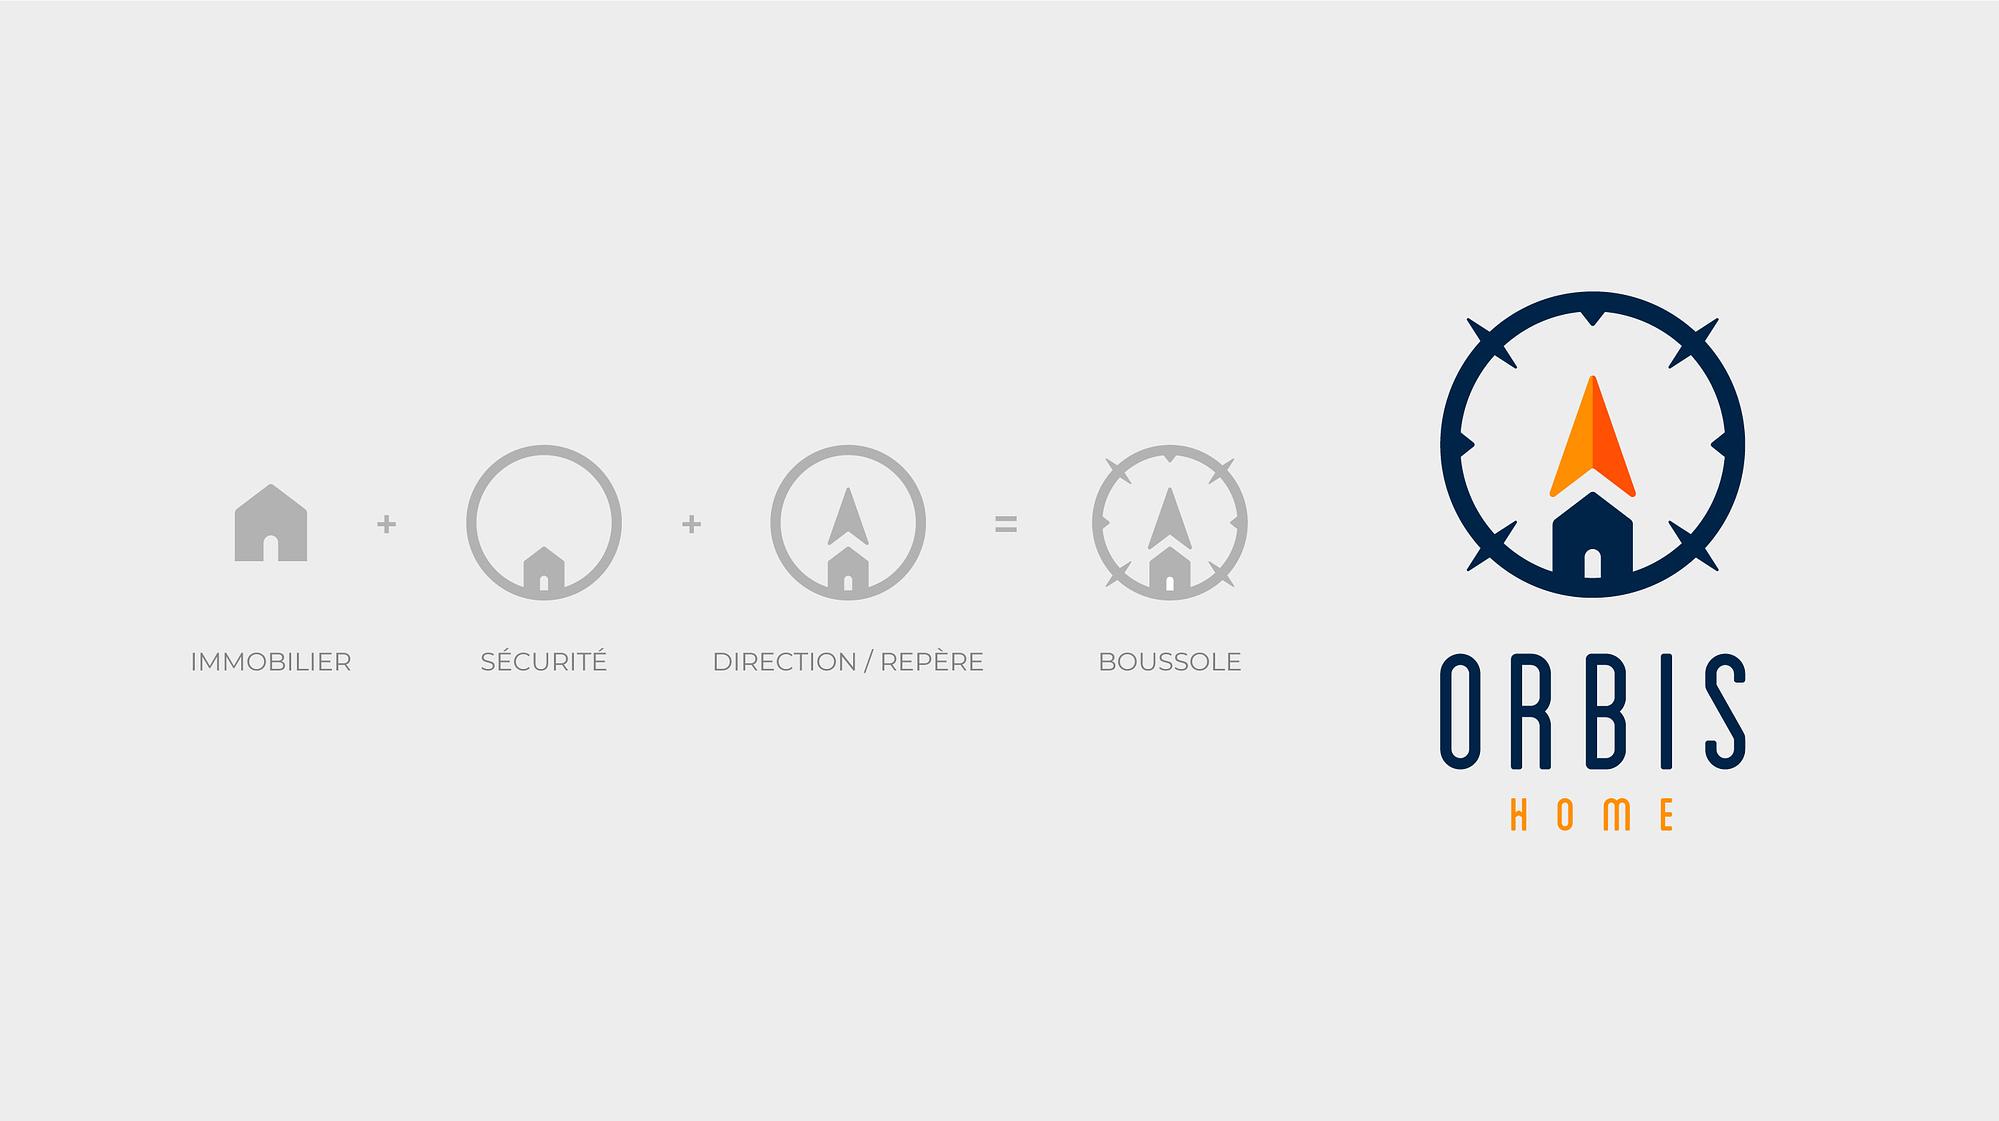 Étapes de construction du logotype d'Orbis Home réalisés par TMKL